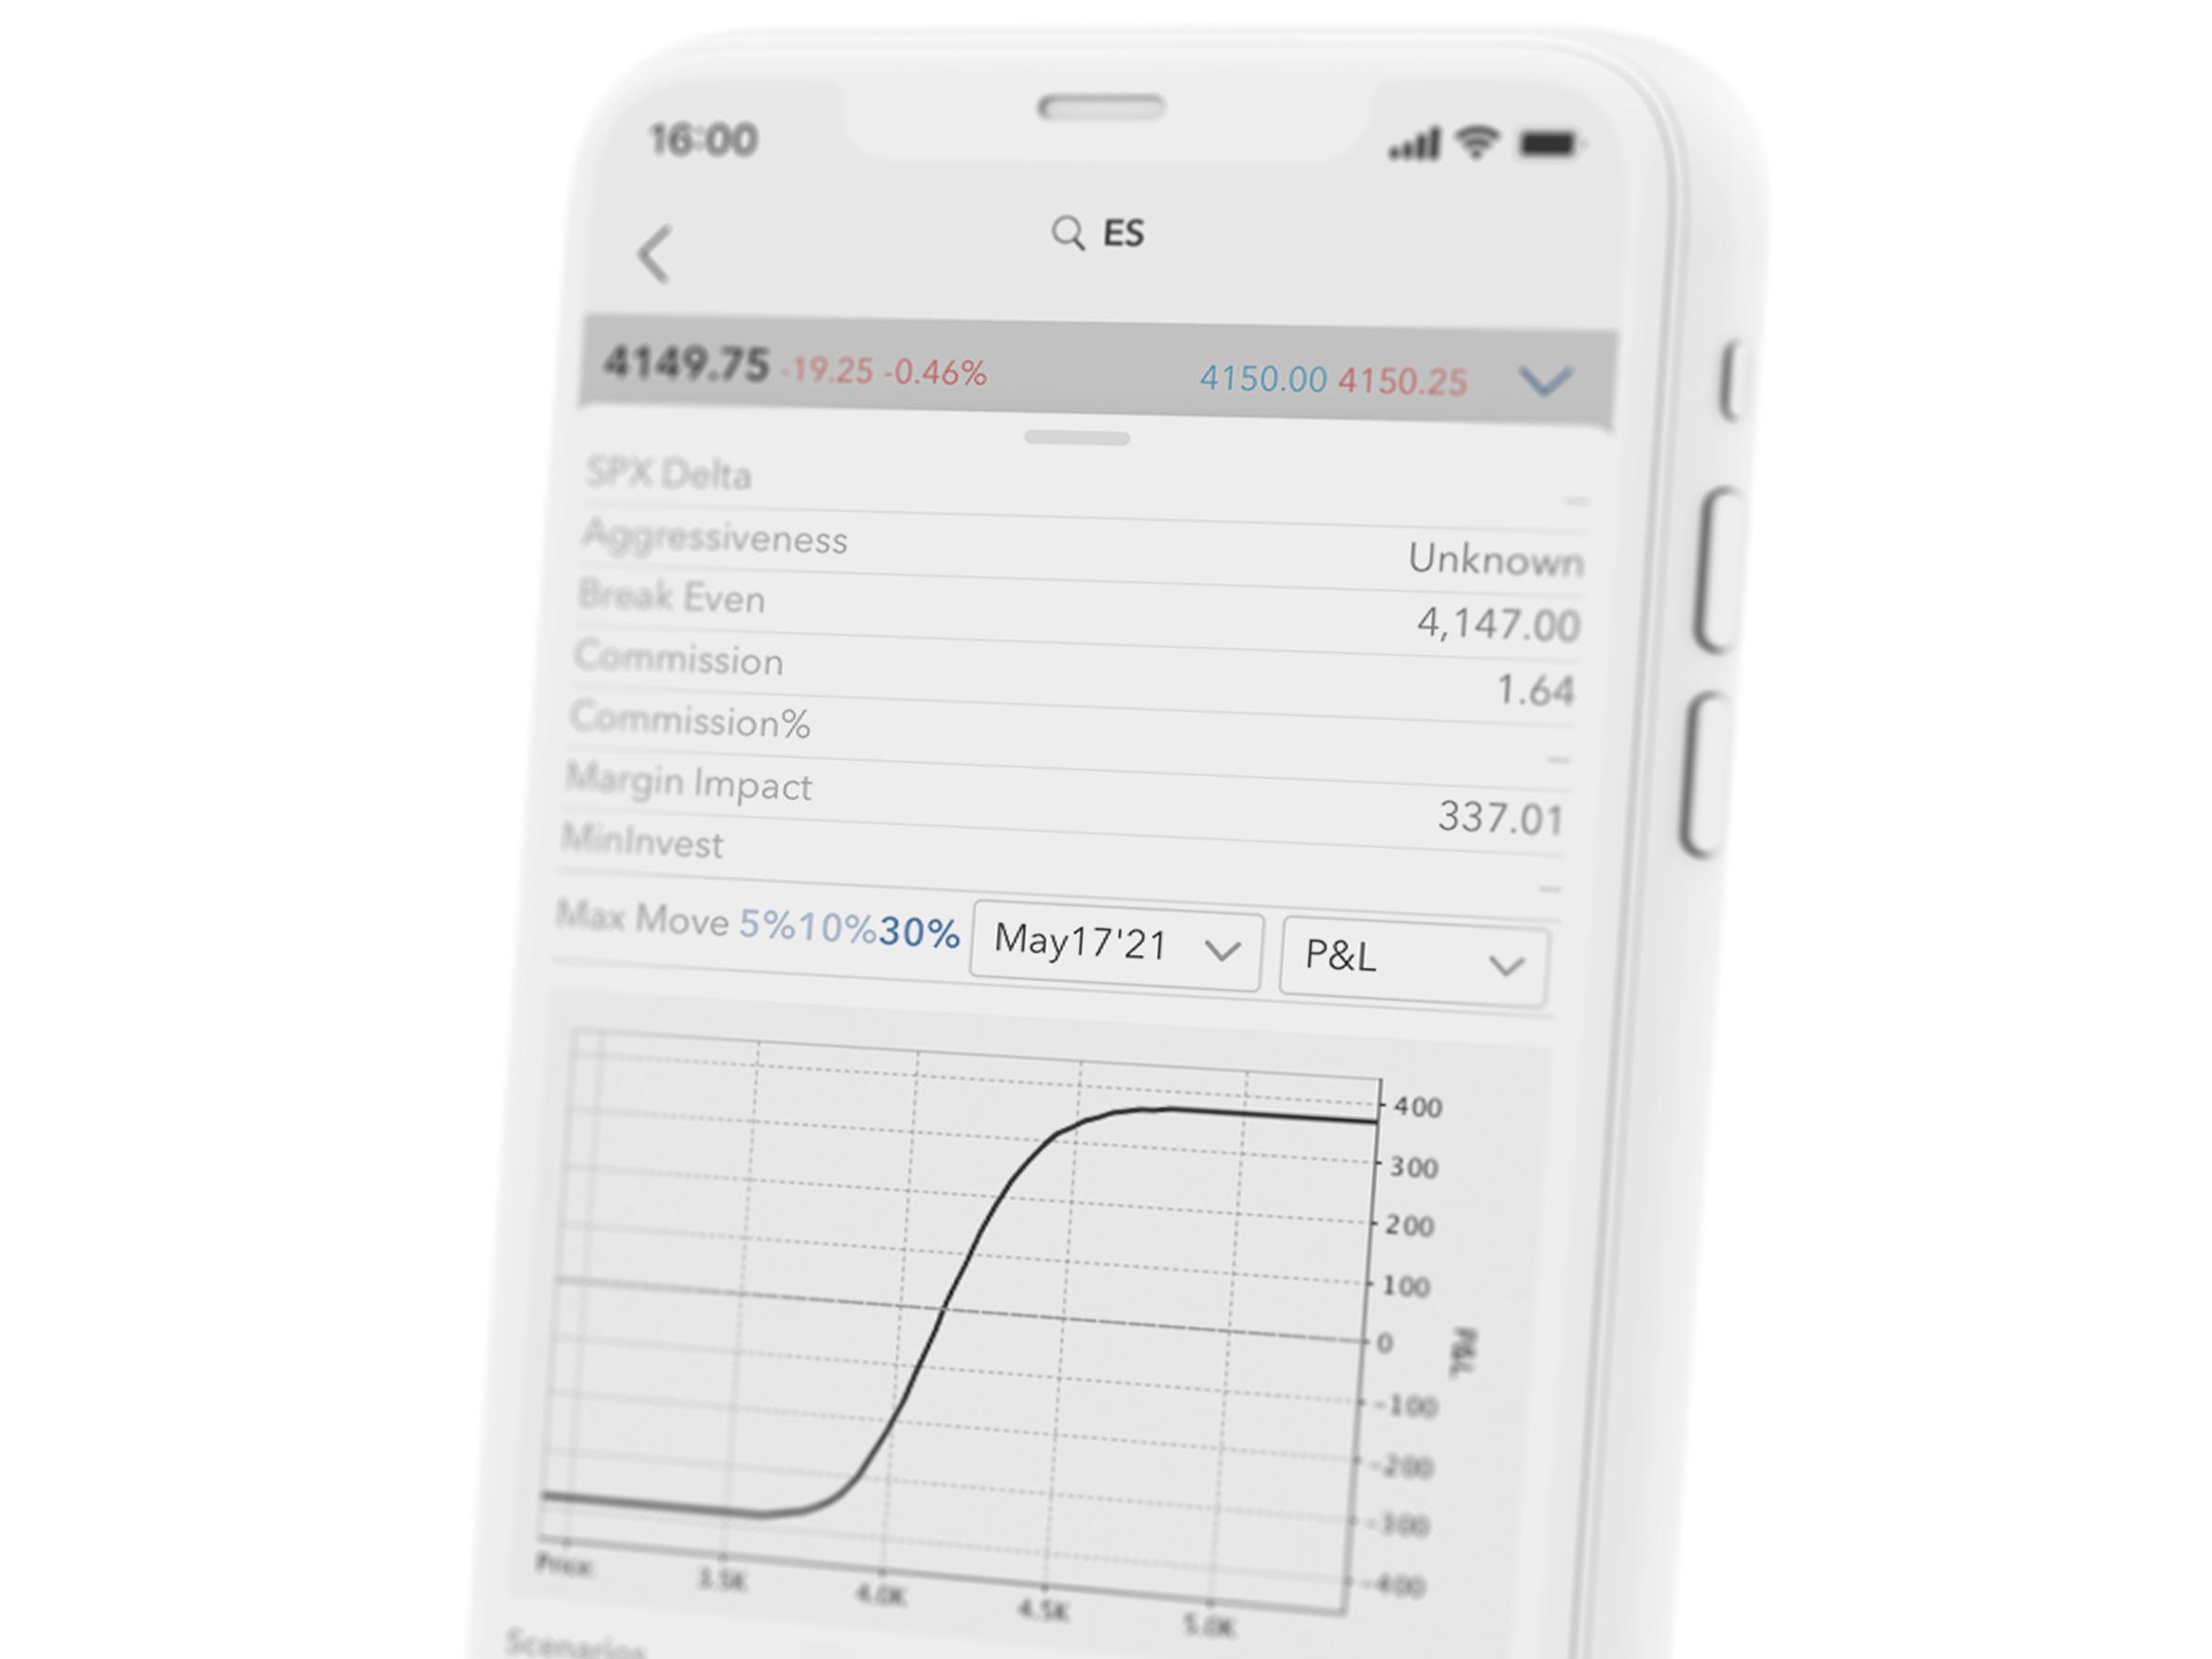 Smartfon z aplikacją handlową LYNX Trading, która pozwala handlować opcjami